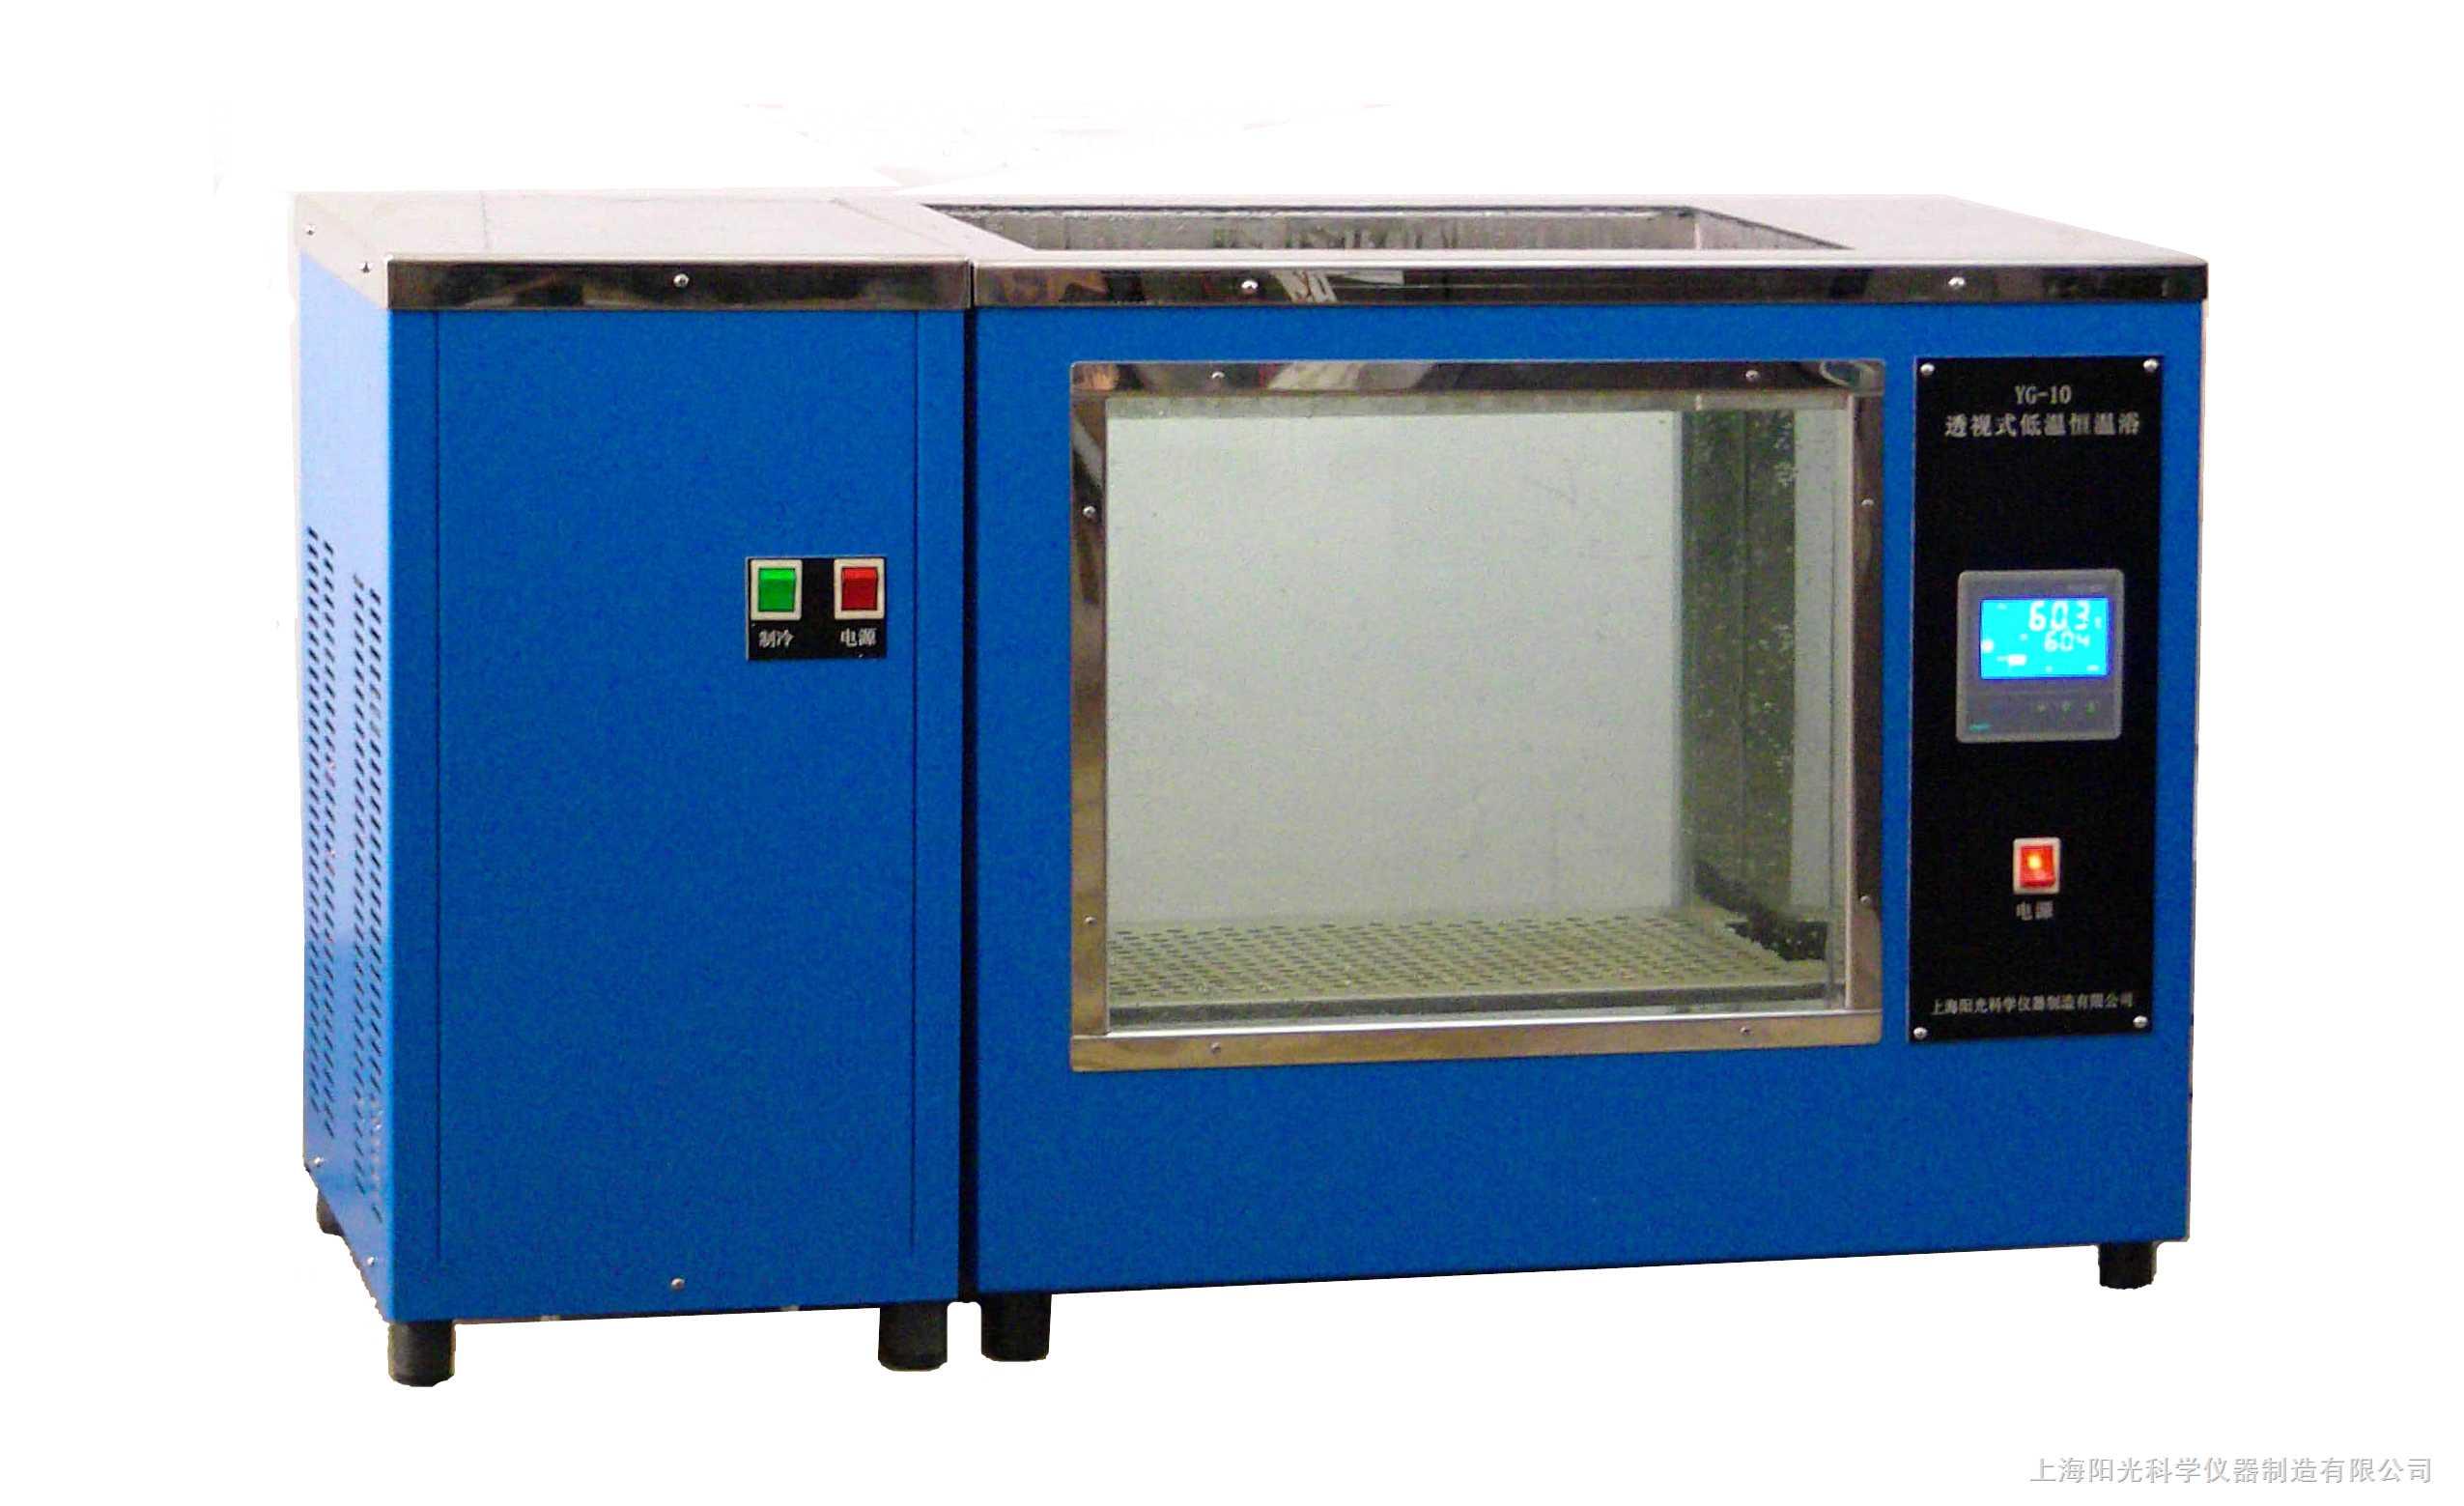 YG-10化学品蒸气压测试仪(静力学测定法)